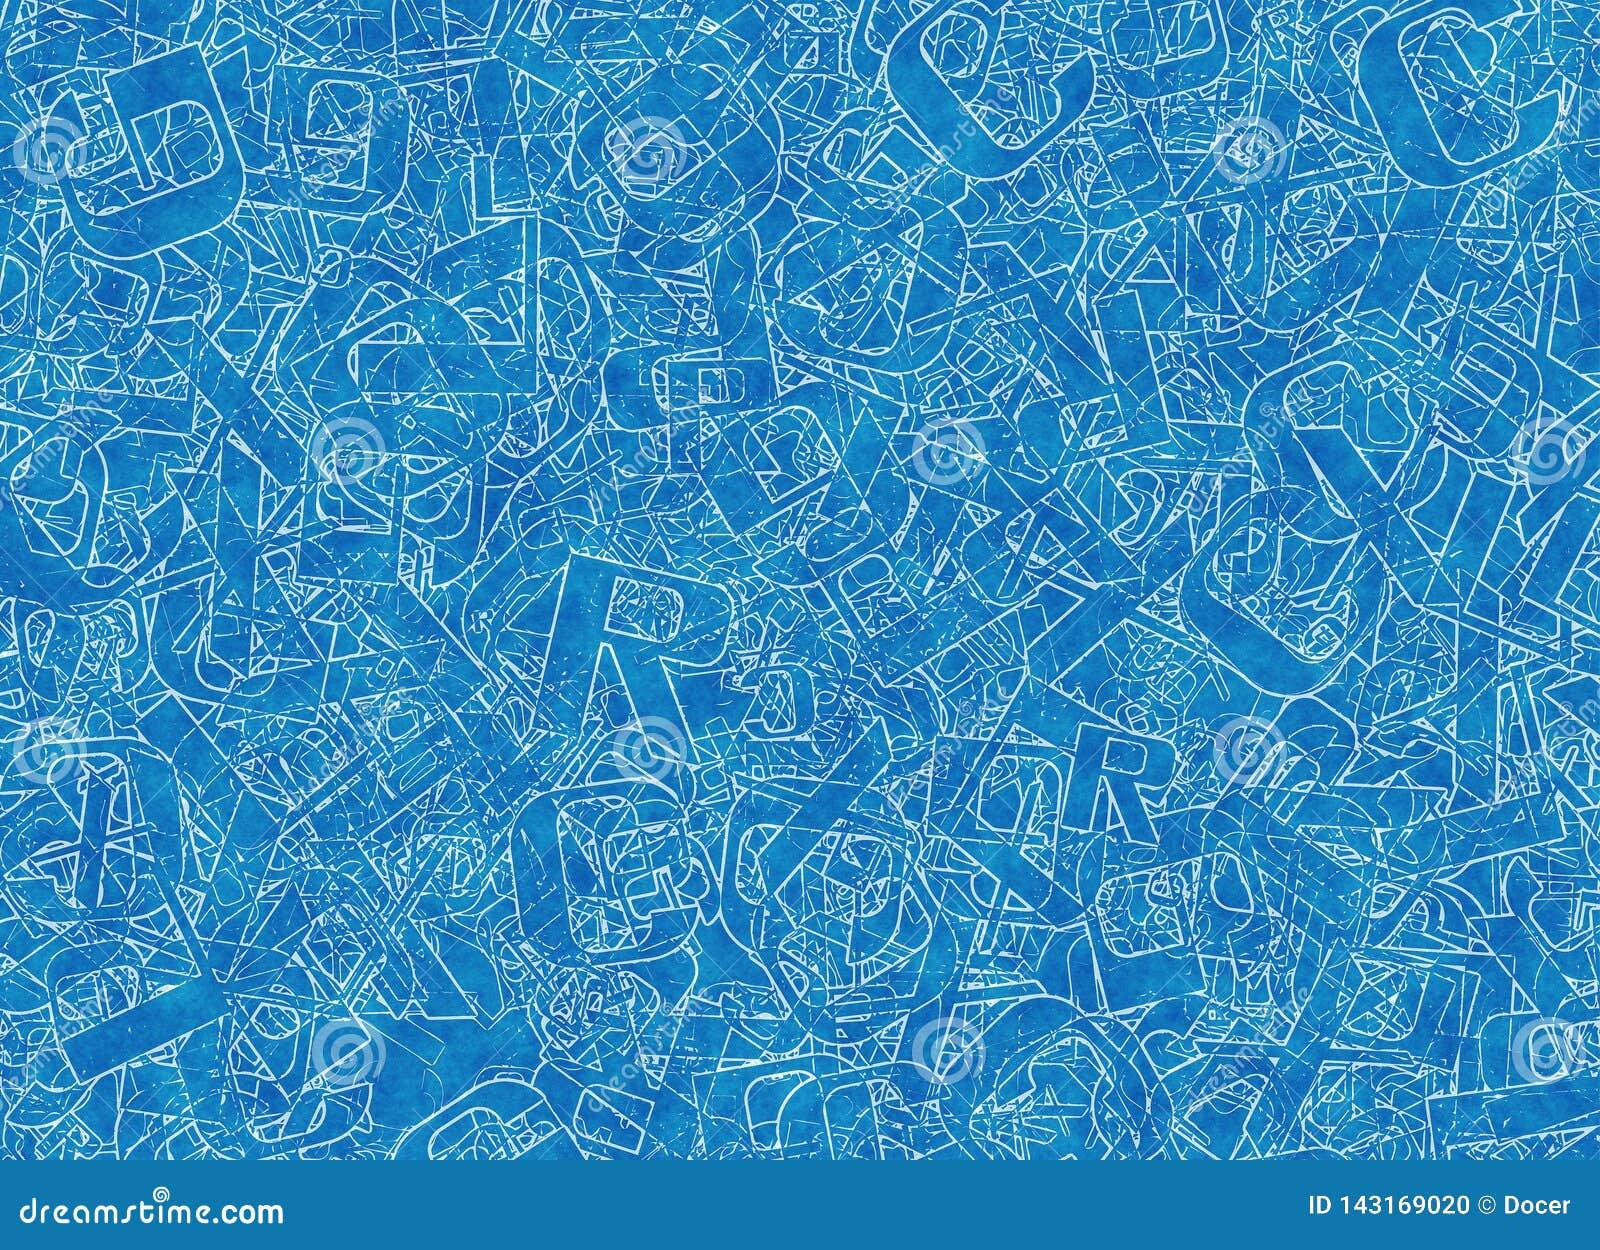 Muitas letras azuis abstratas misturadas do alfabeto